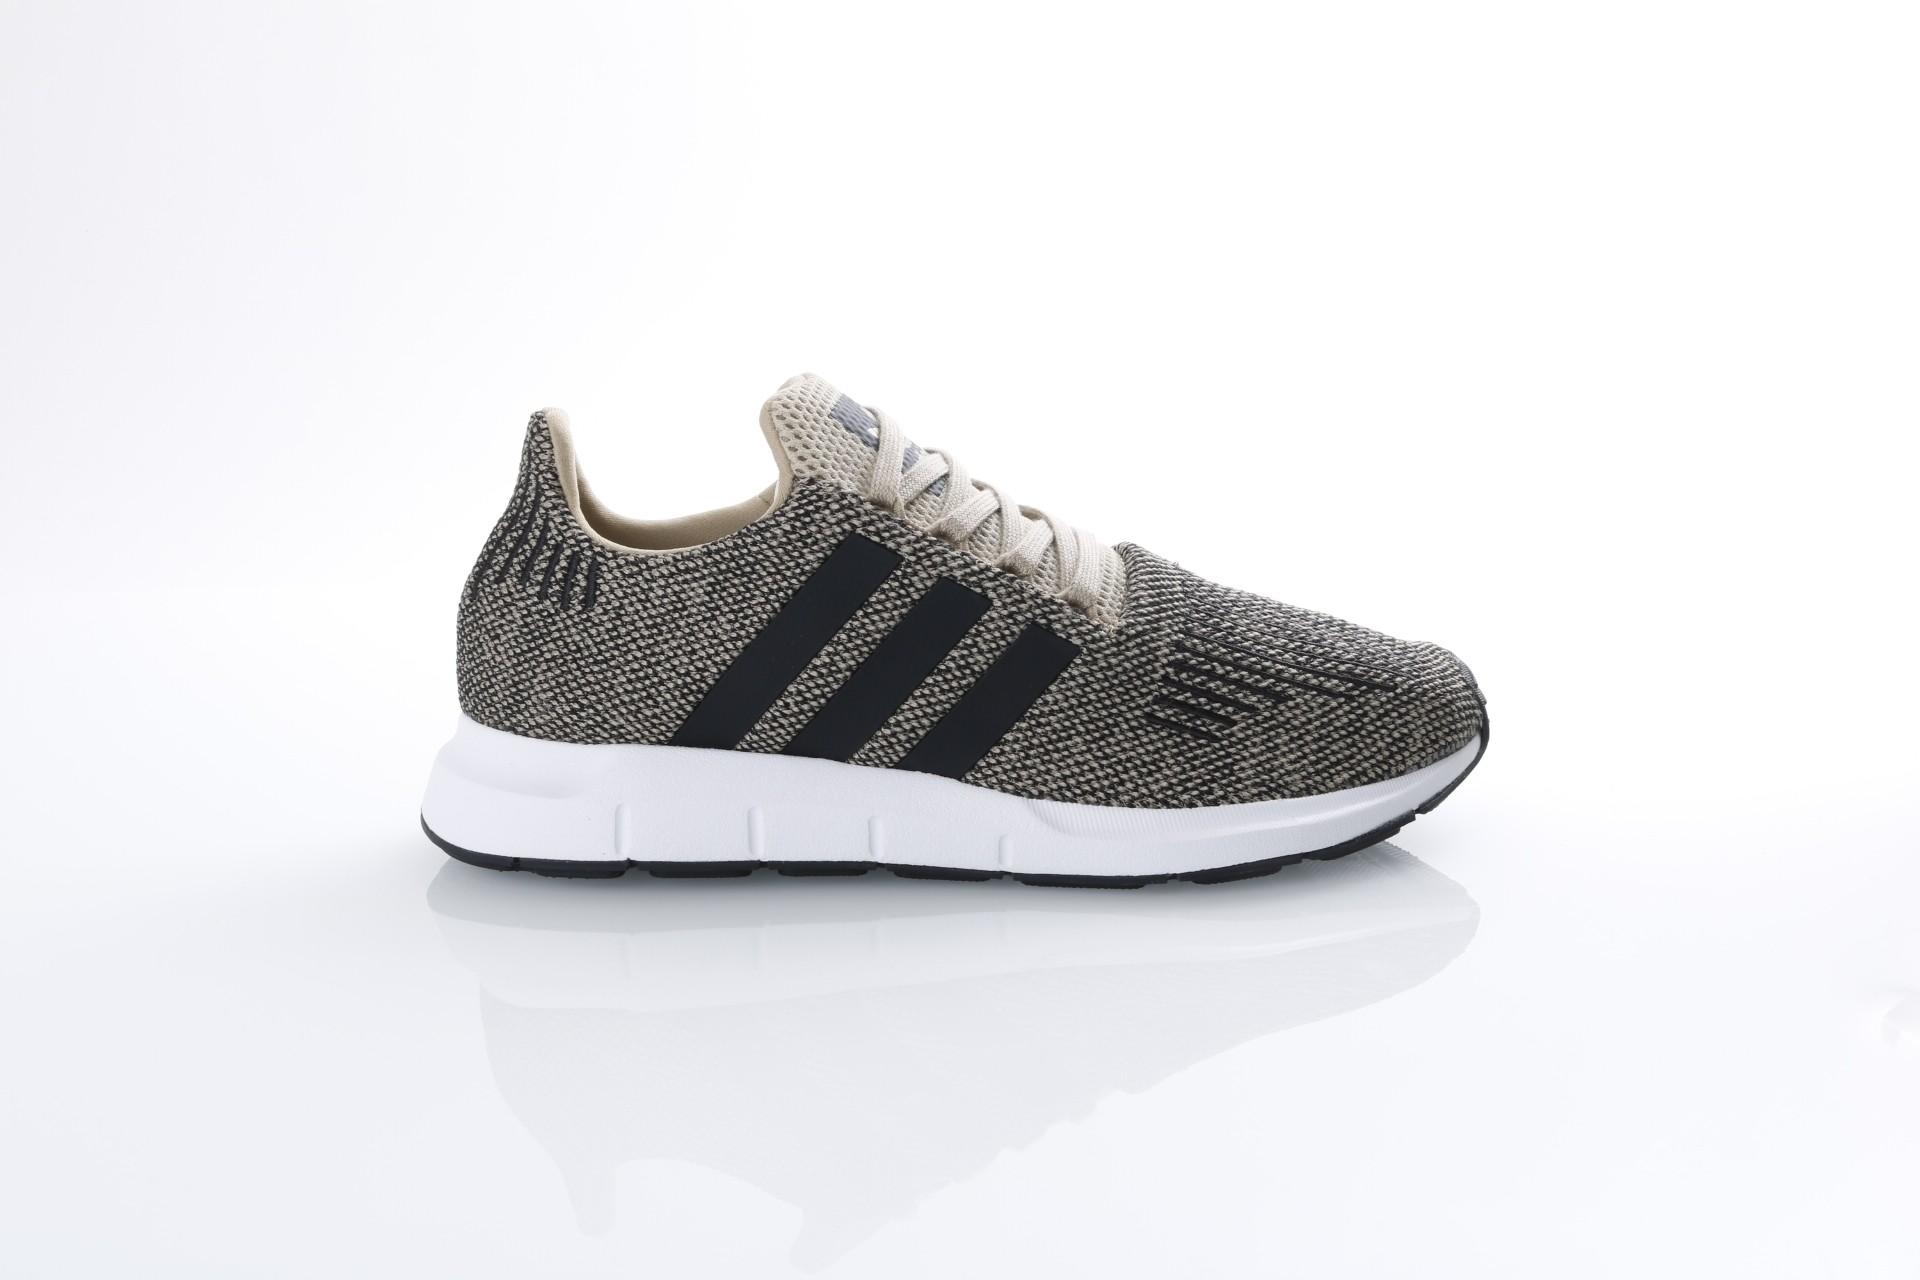 Afbeelding van Adidas Originals CQ2117 Sneakers Swift run Goud